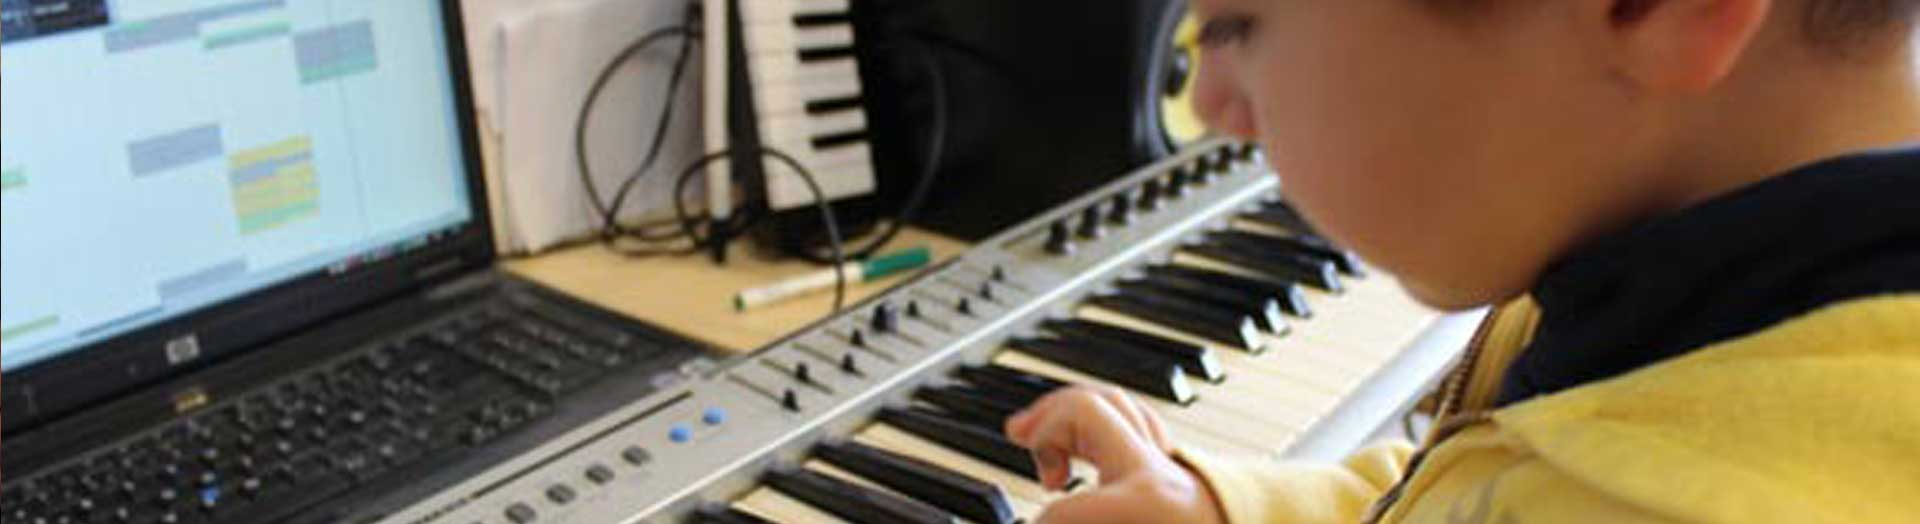 classe découverte musique 03